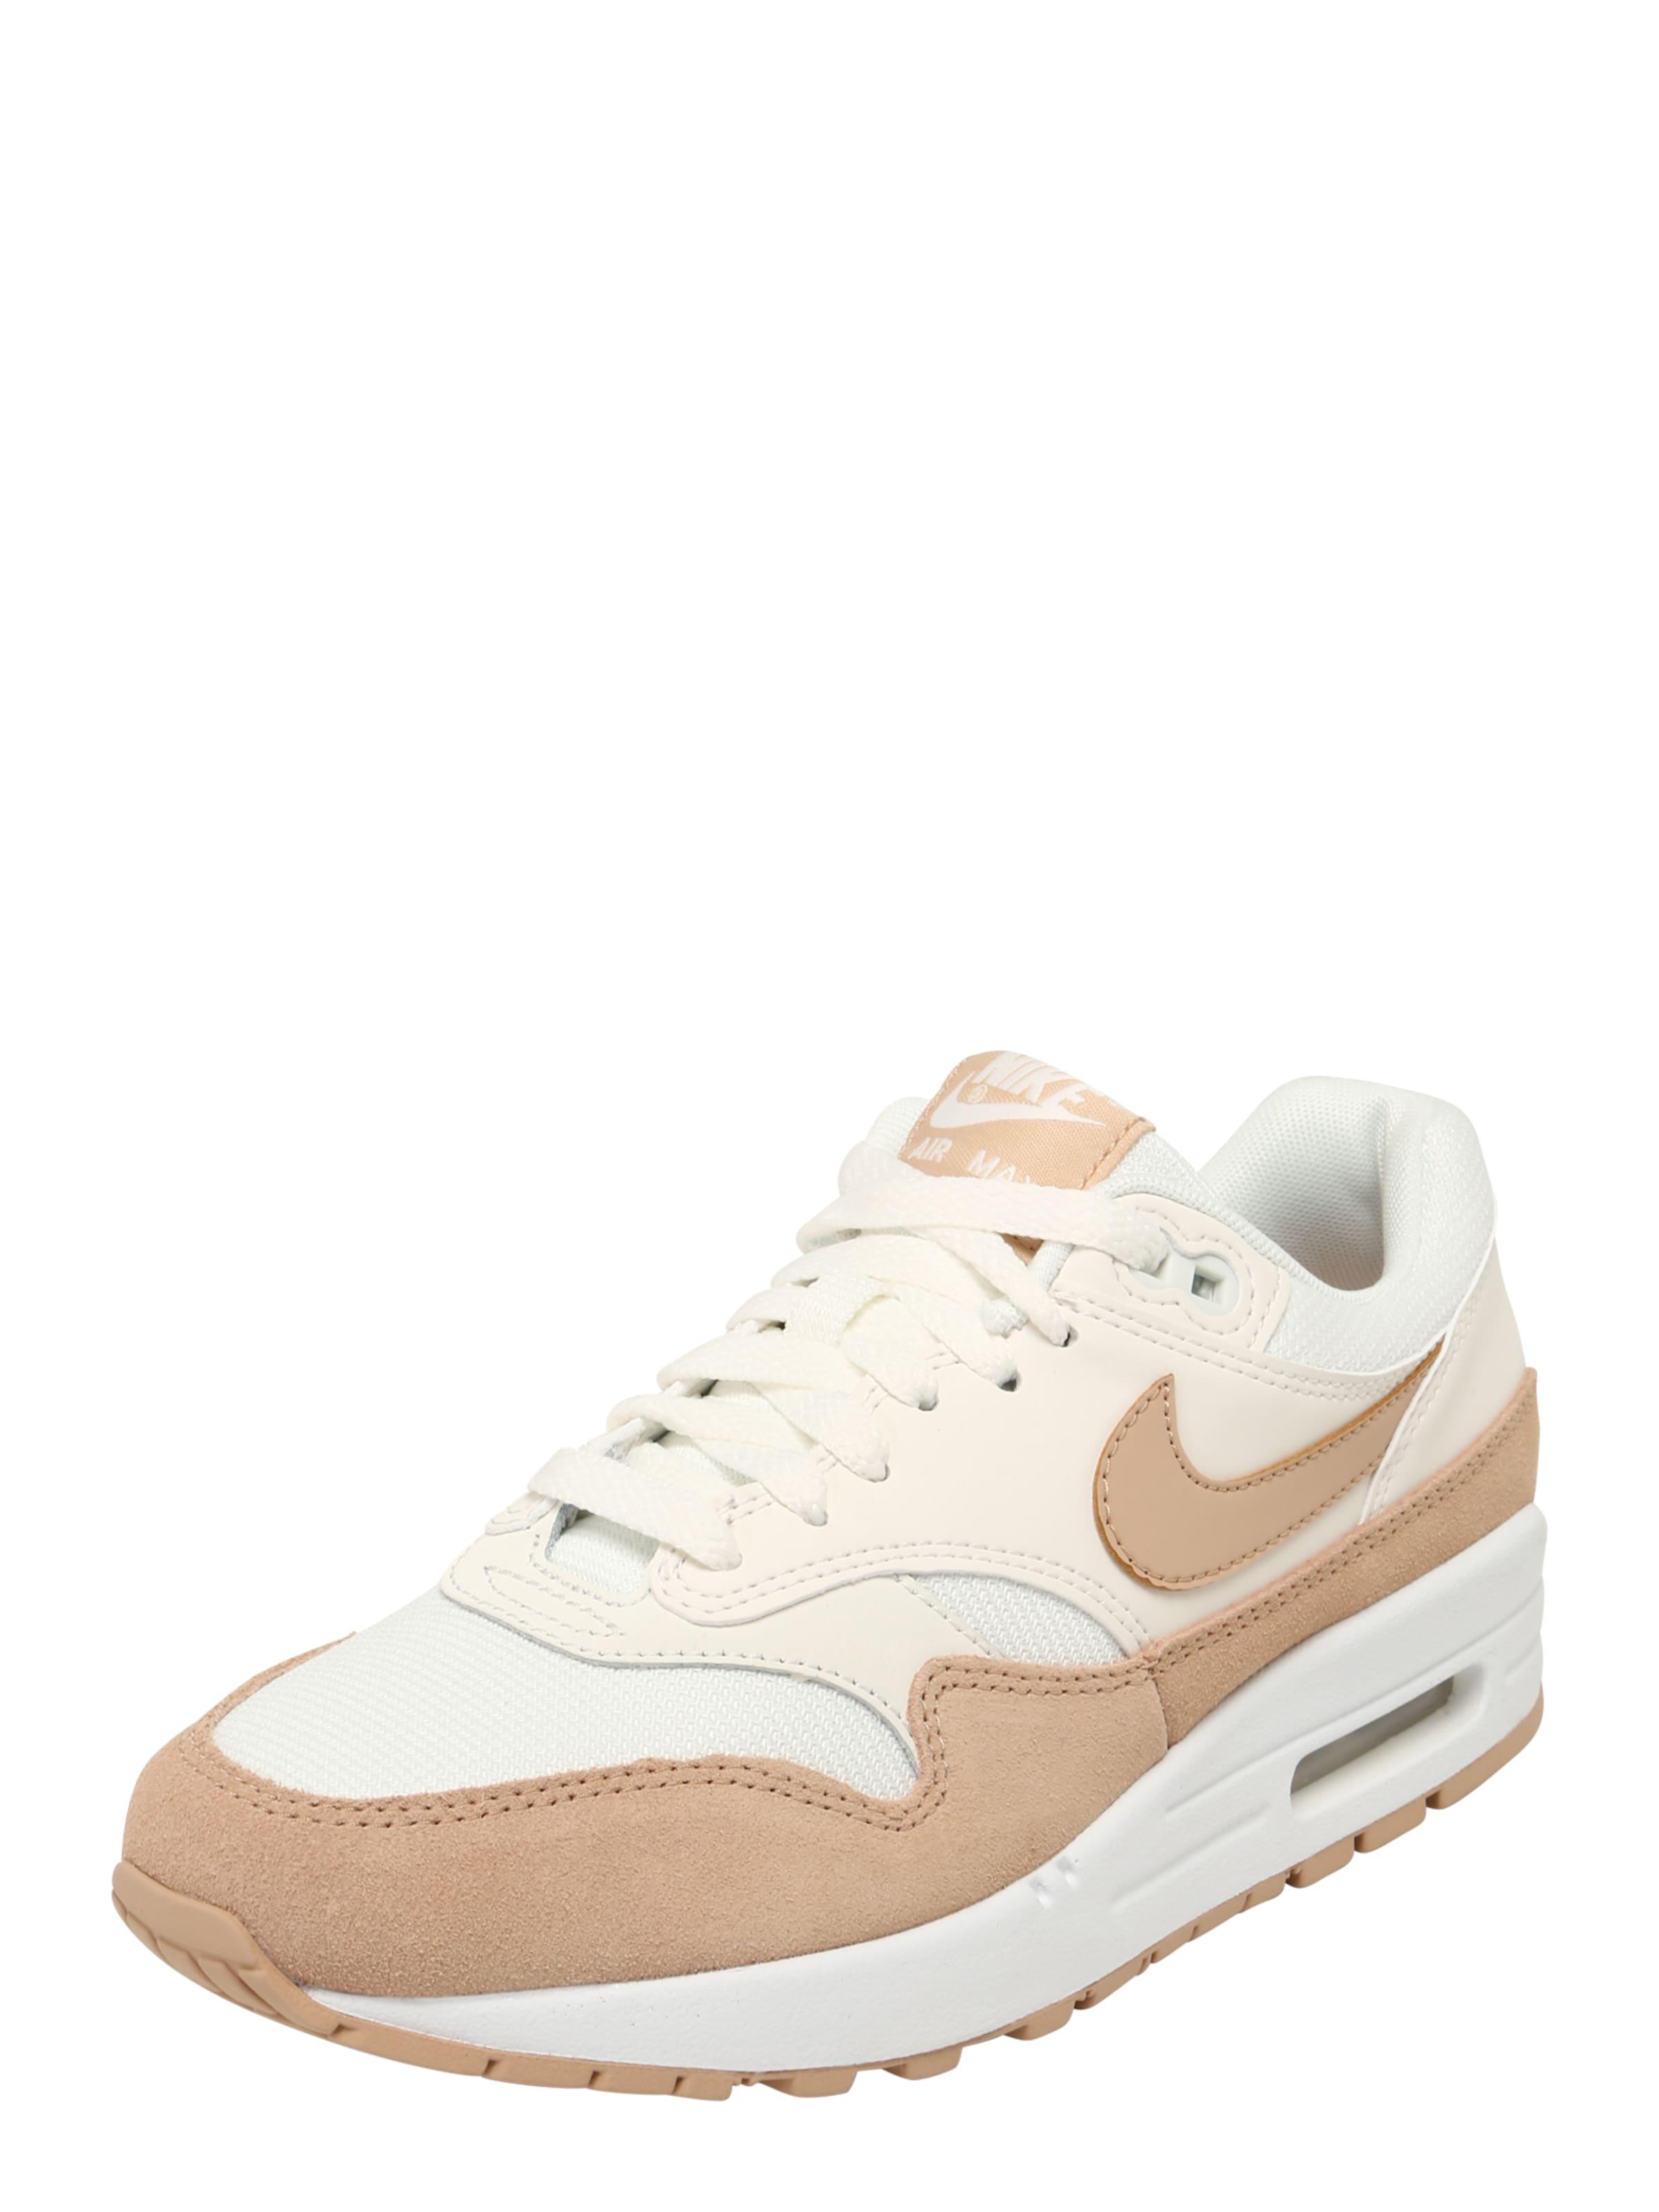 Sneaker Sportswear Air Max 'wmns 1' Nike In BeigeOffwhite TK1lFJc